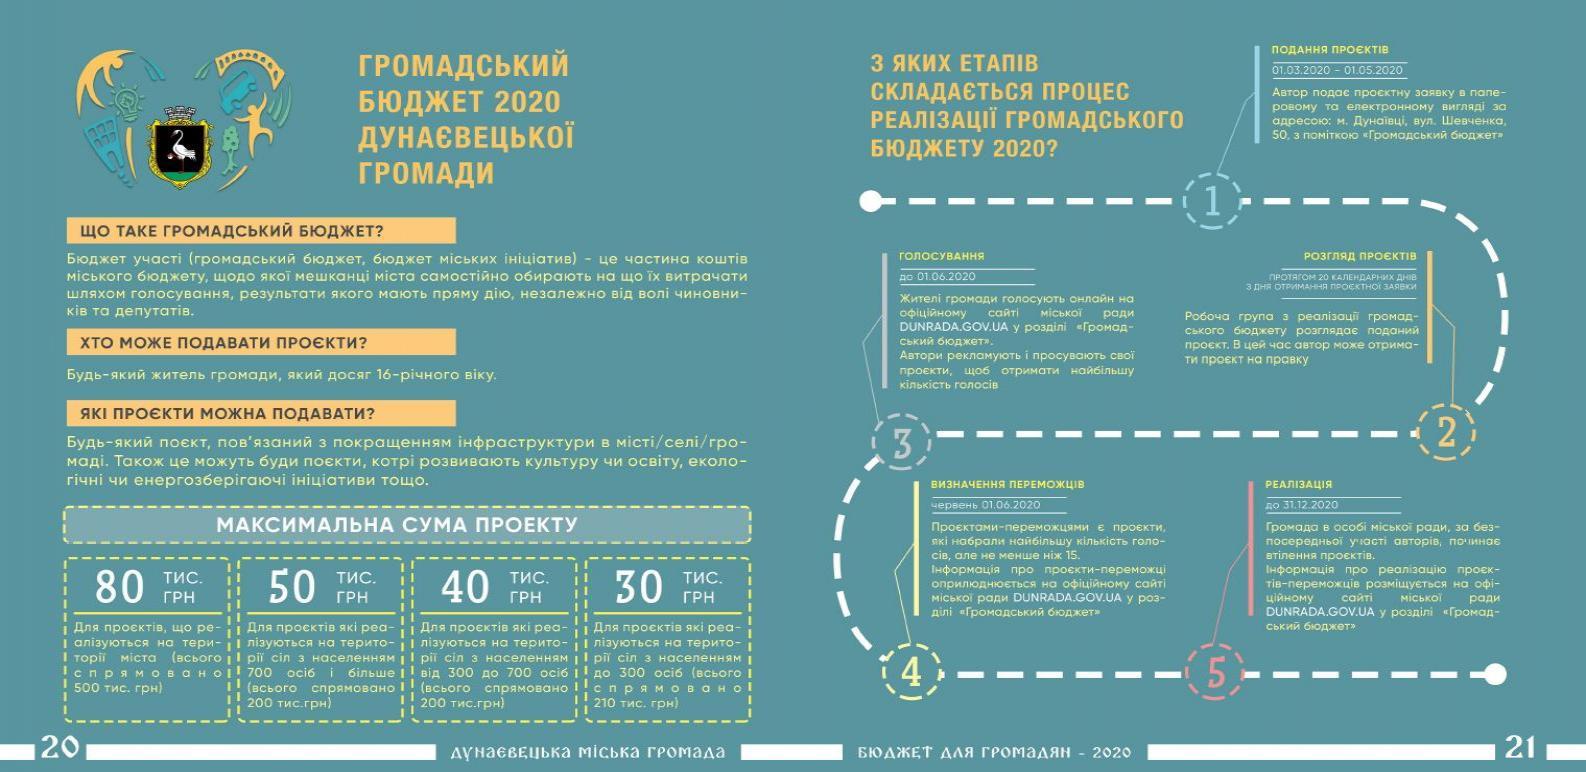 http://dunrada.gov.ua/uploadfile/archive_news/2020/06/26/2020-06-26_9236/images/images-52029.jpg